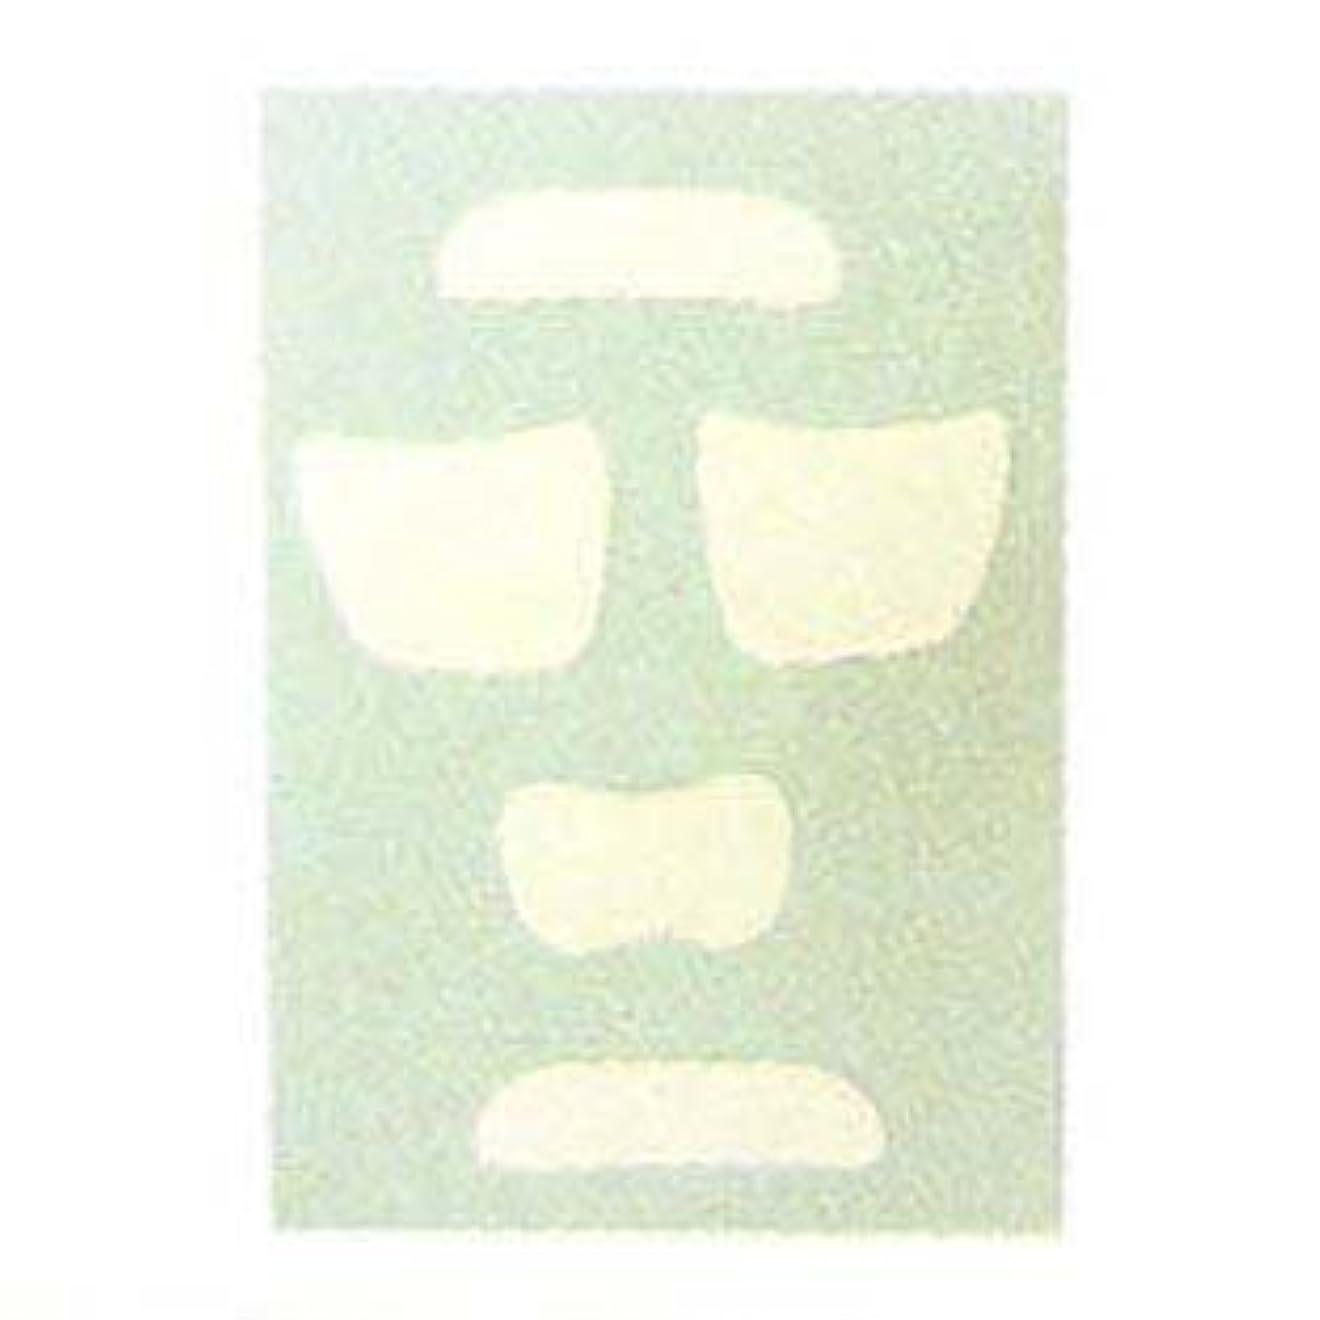 拡大する簡単に番号ドクタールノー マスクリヴィタリザン マルチパッチ(マスク)